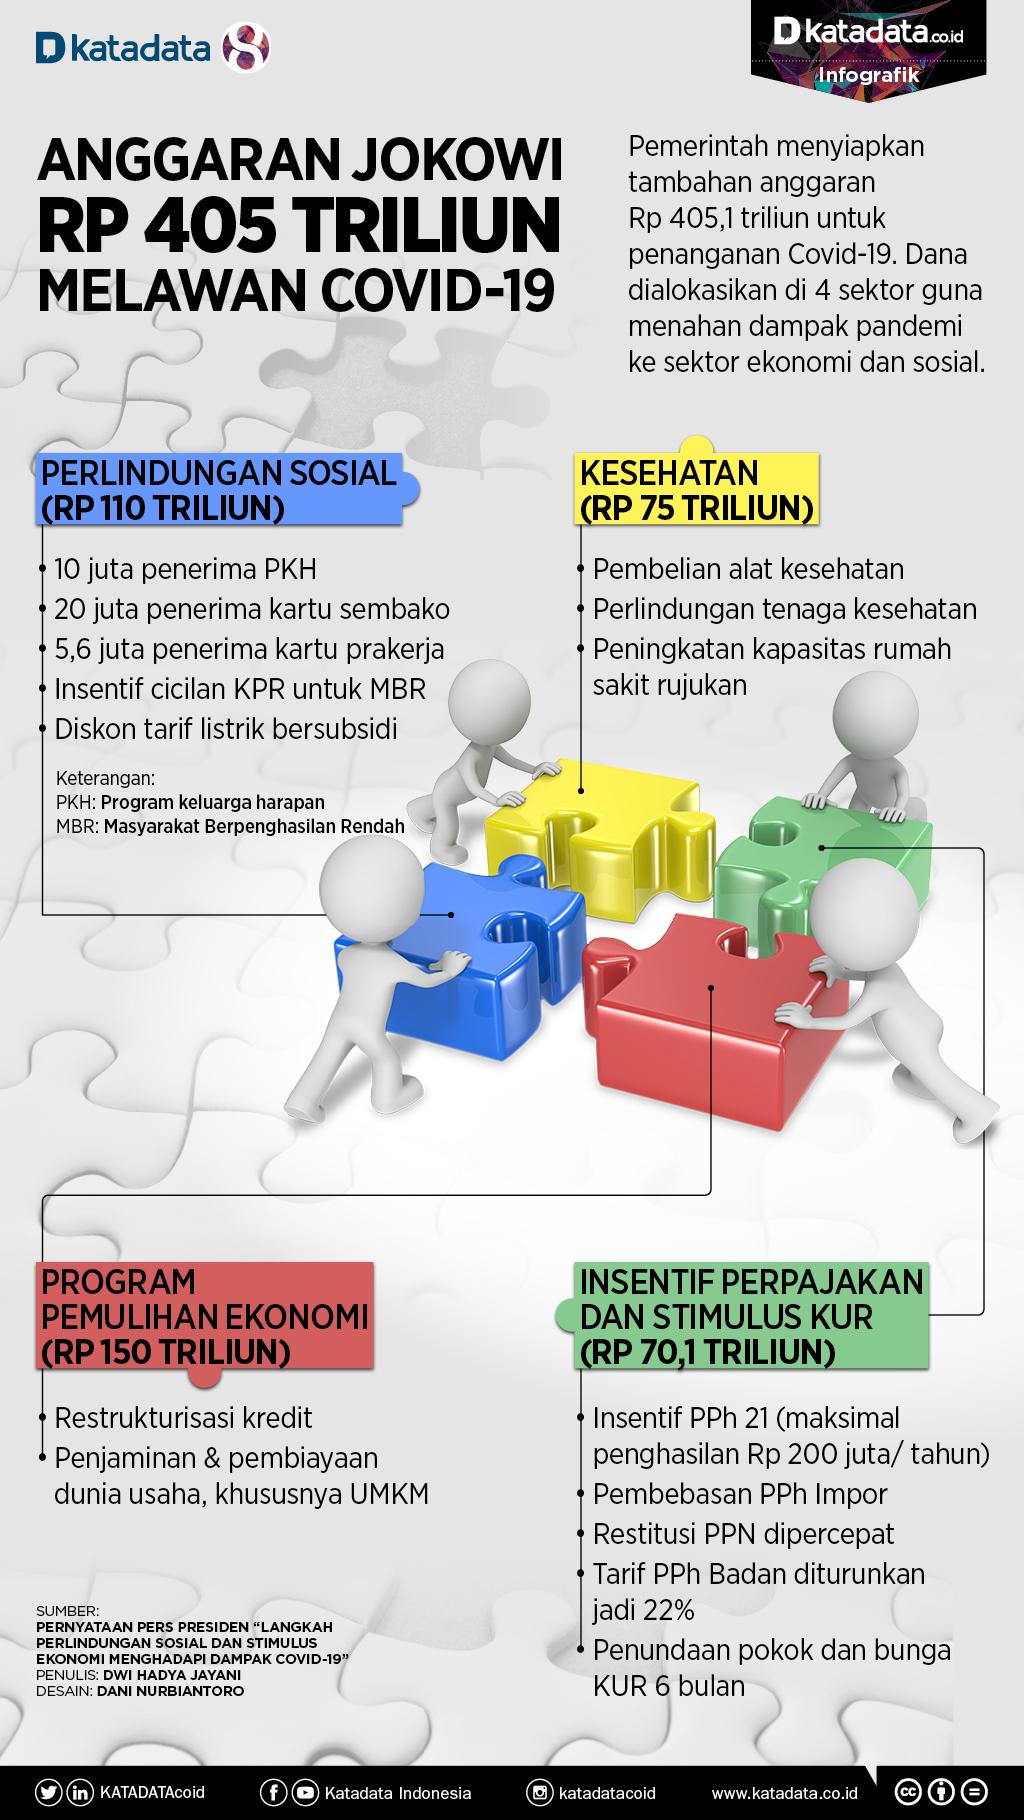 Anggaran Jokowi untuk Melawan Virus Corona